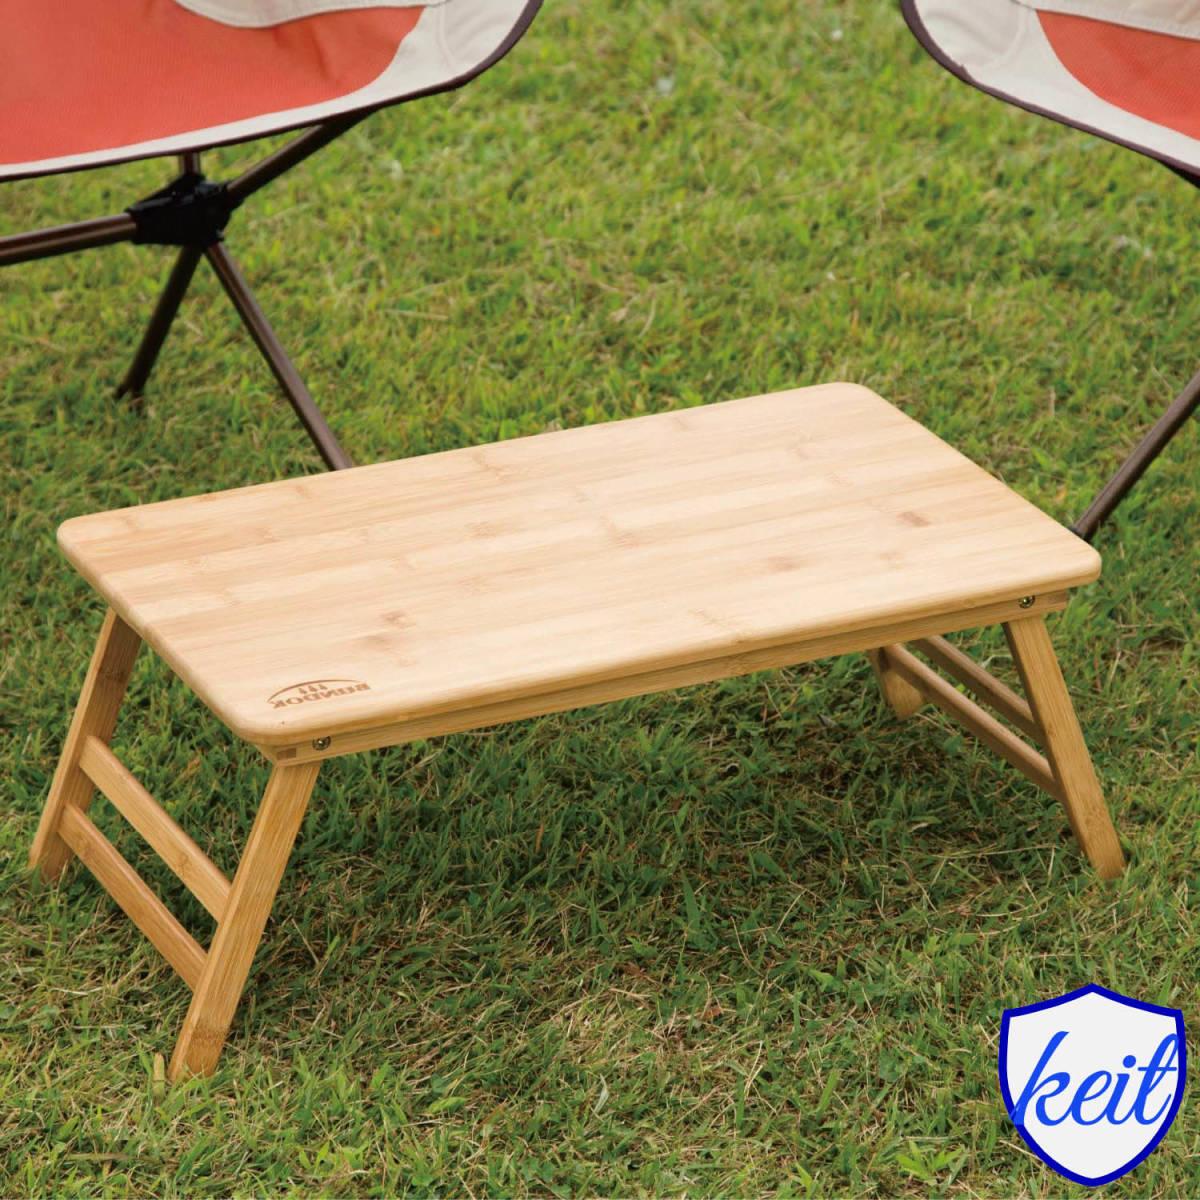 キャンプ テーブル 50cm 軽量 コンパクト アウトドア用 バンブー素材